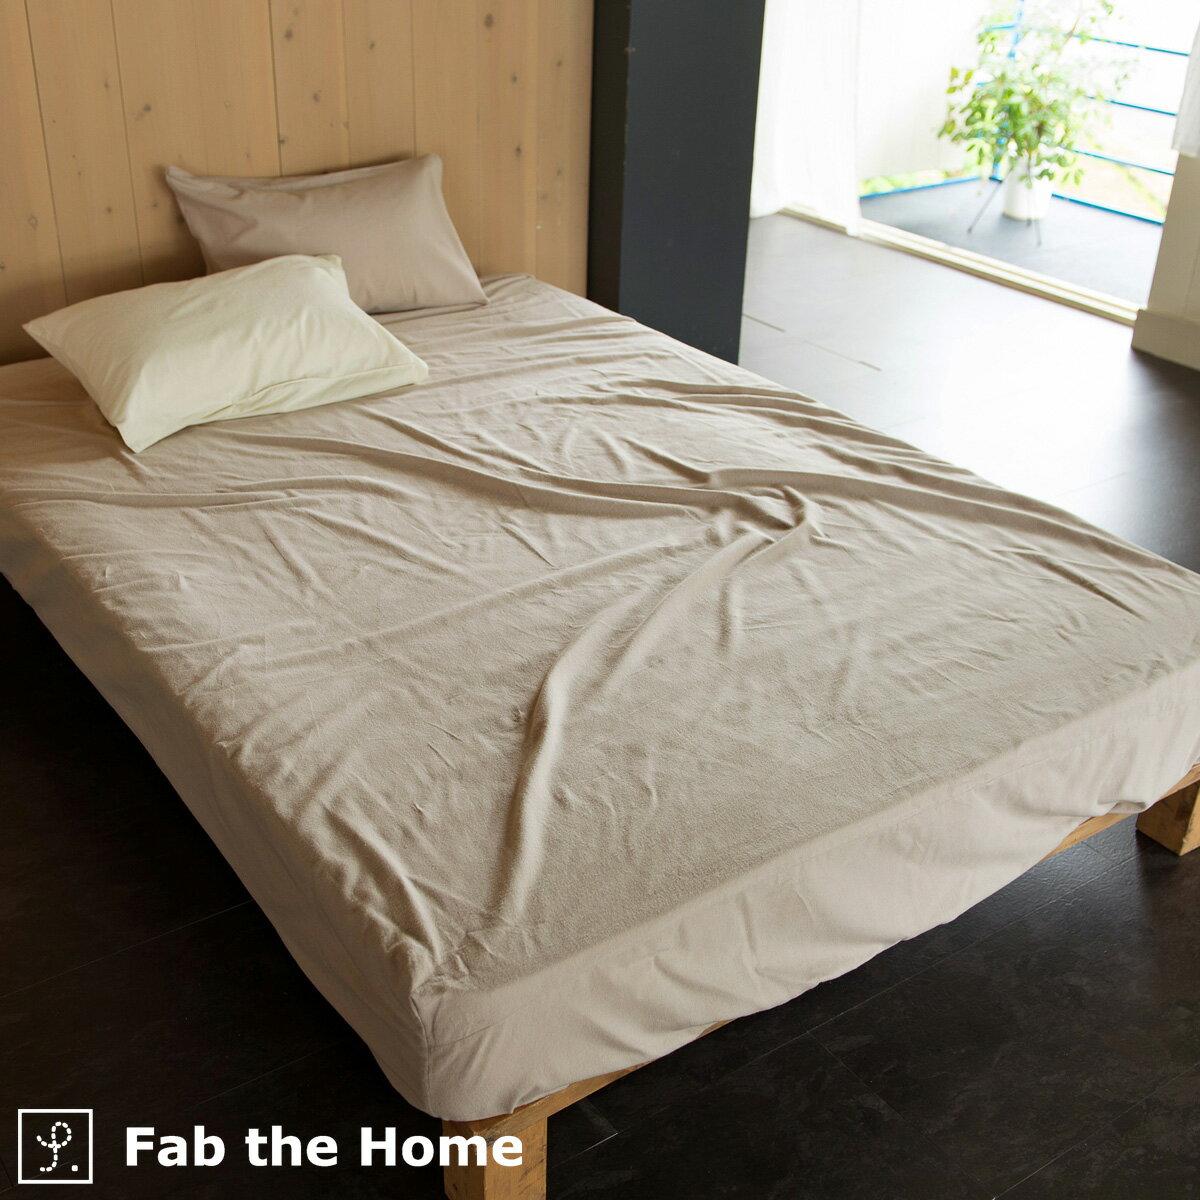 18H限定クーポン★Fab the Home〜Cotton flannel コットンフランネル〜ベッドシーツ シングル ボックスシーツ シングル 200cm用シングル